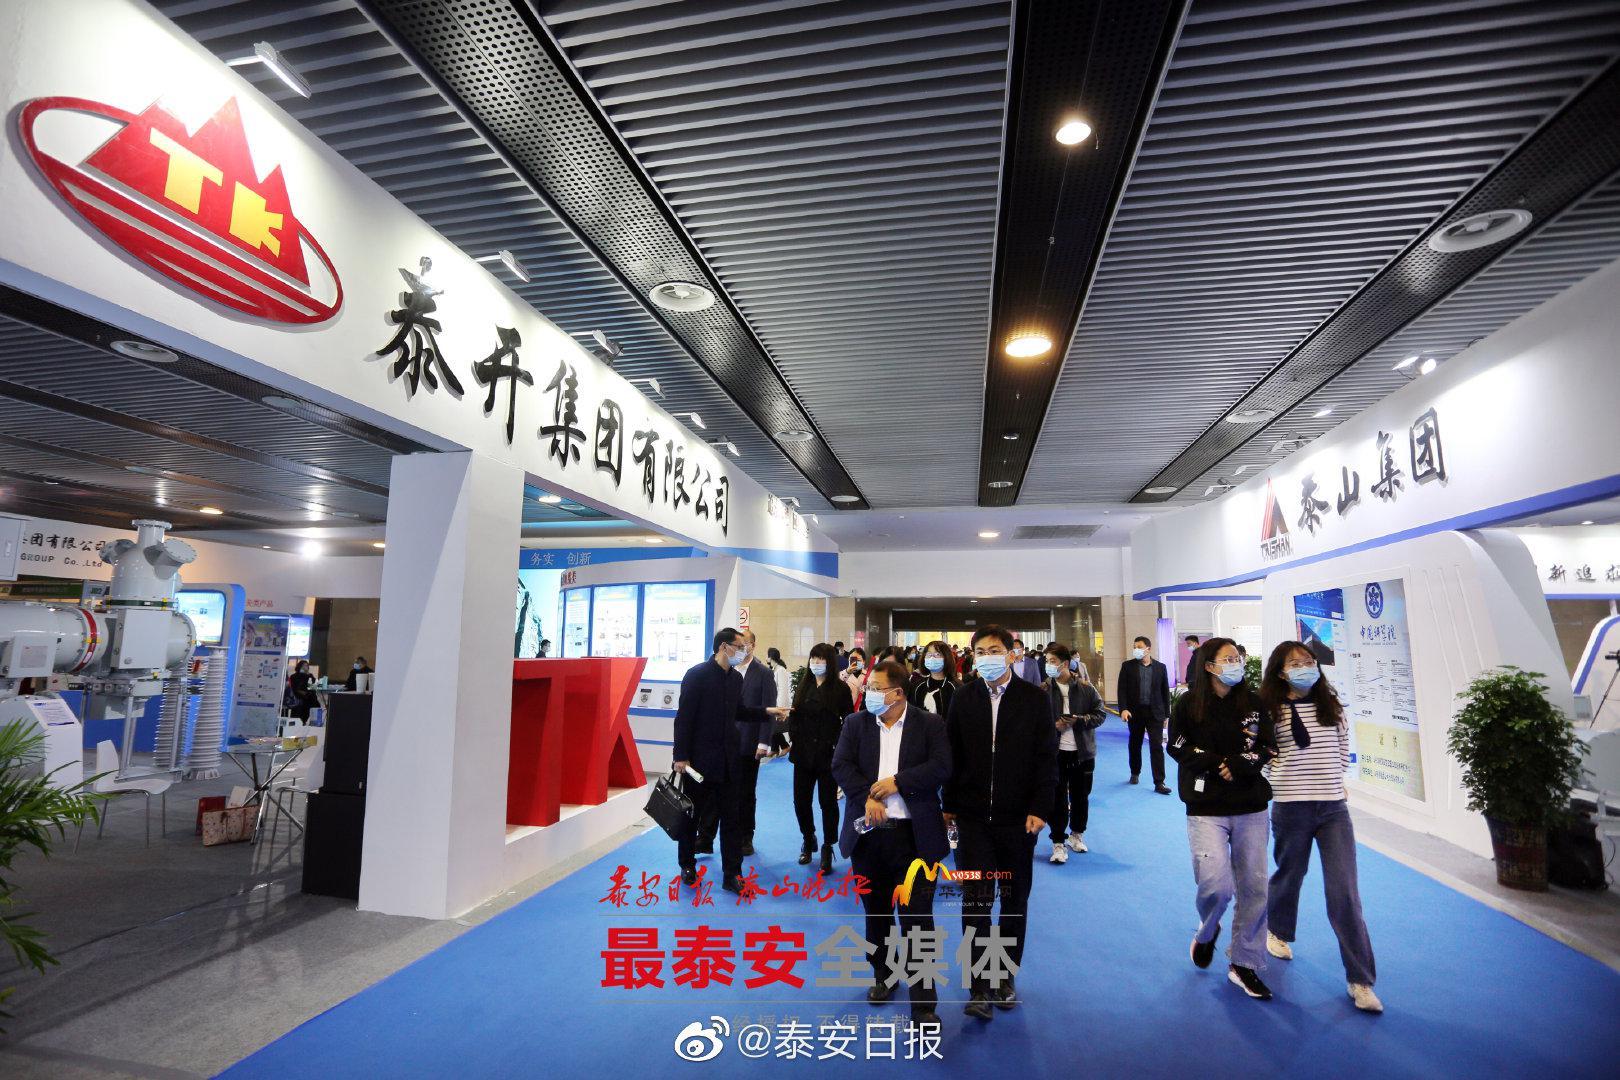 泰山产业大集举行集中签约仪式,44个签约项目合同额超百亿元